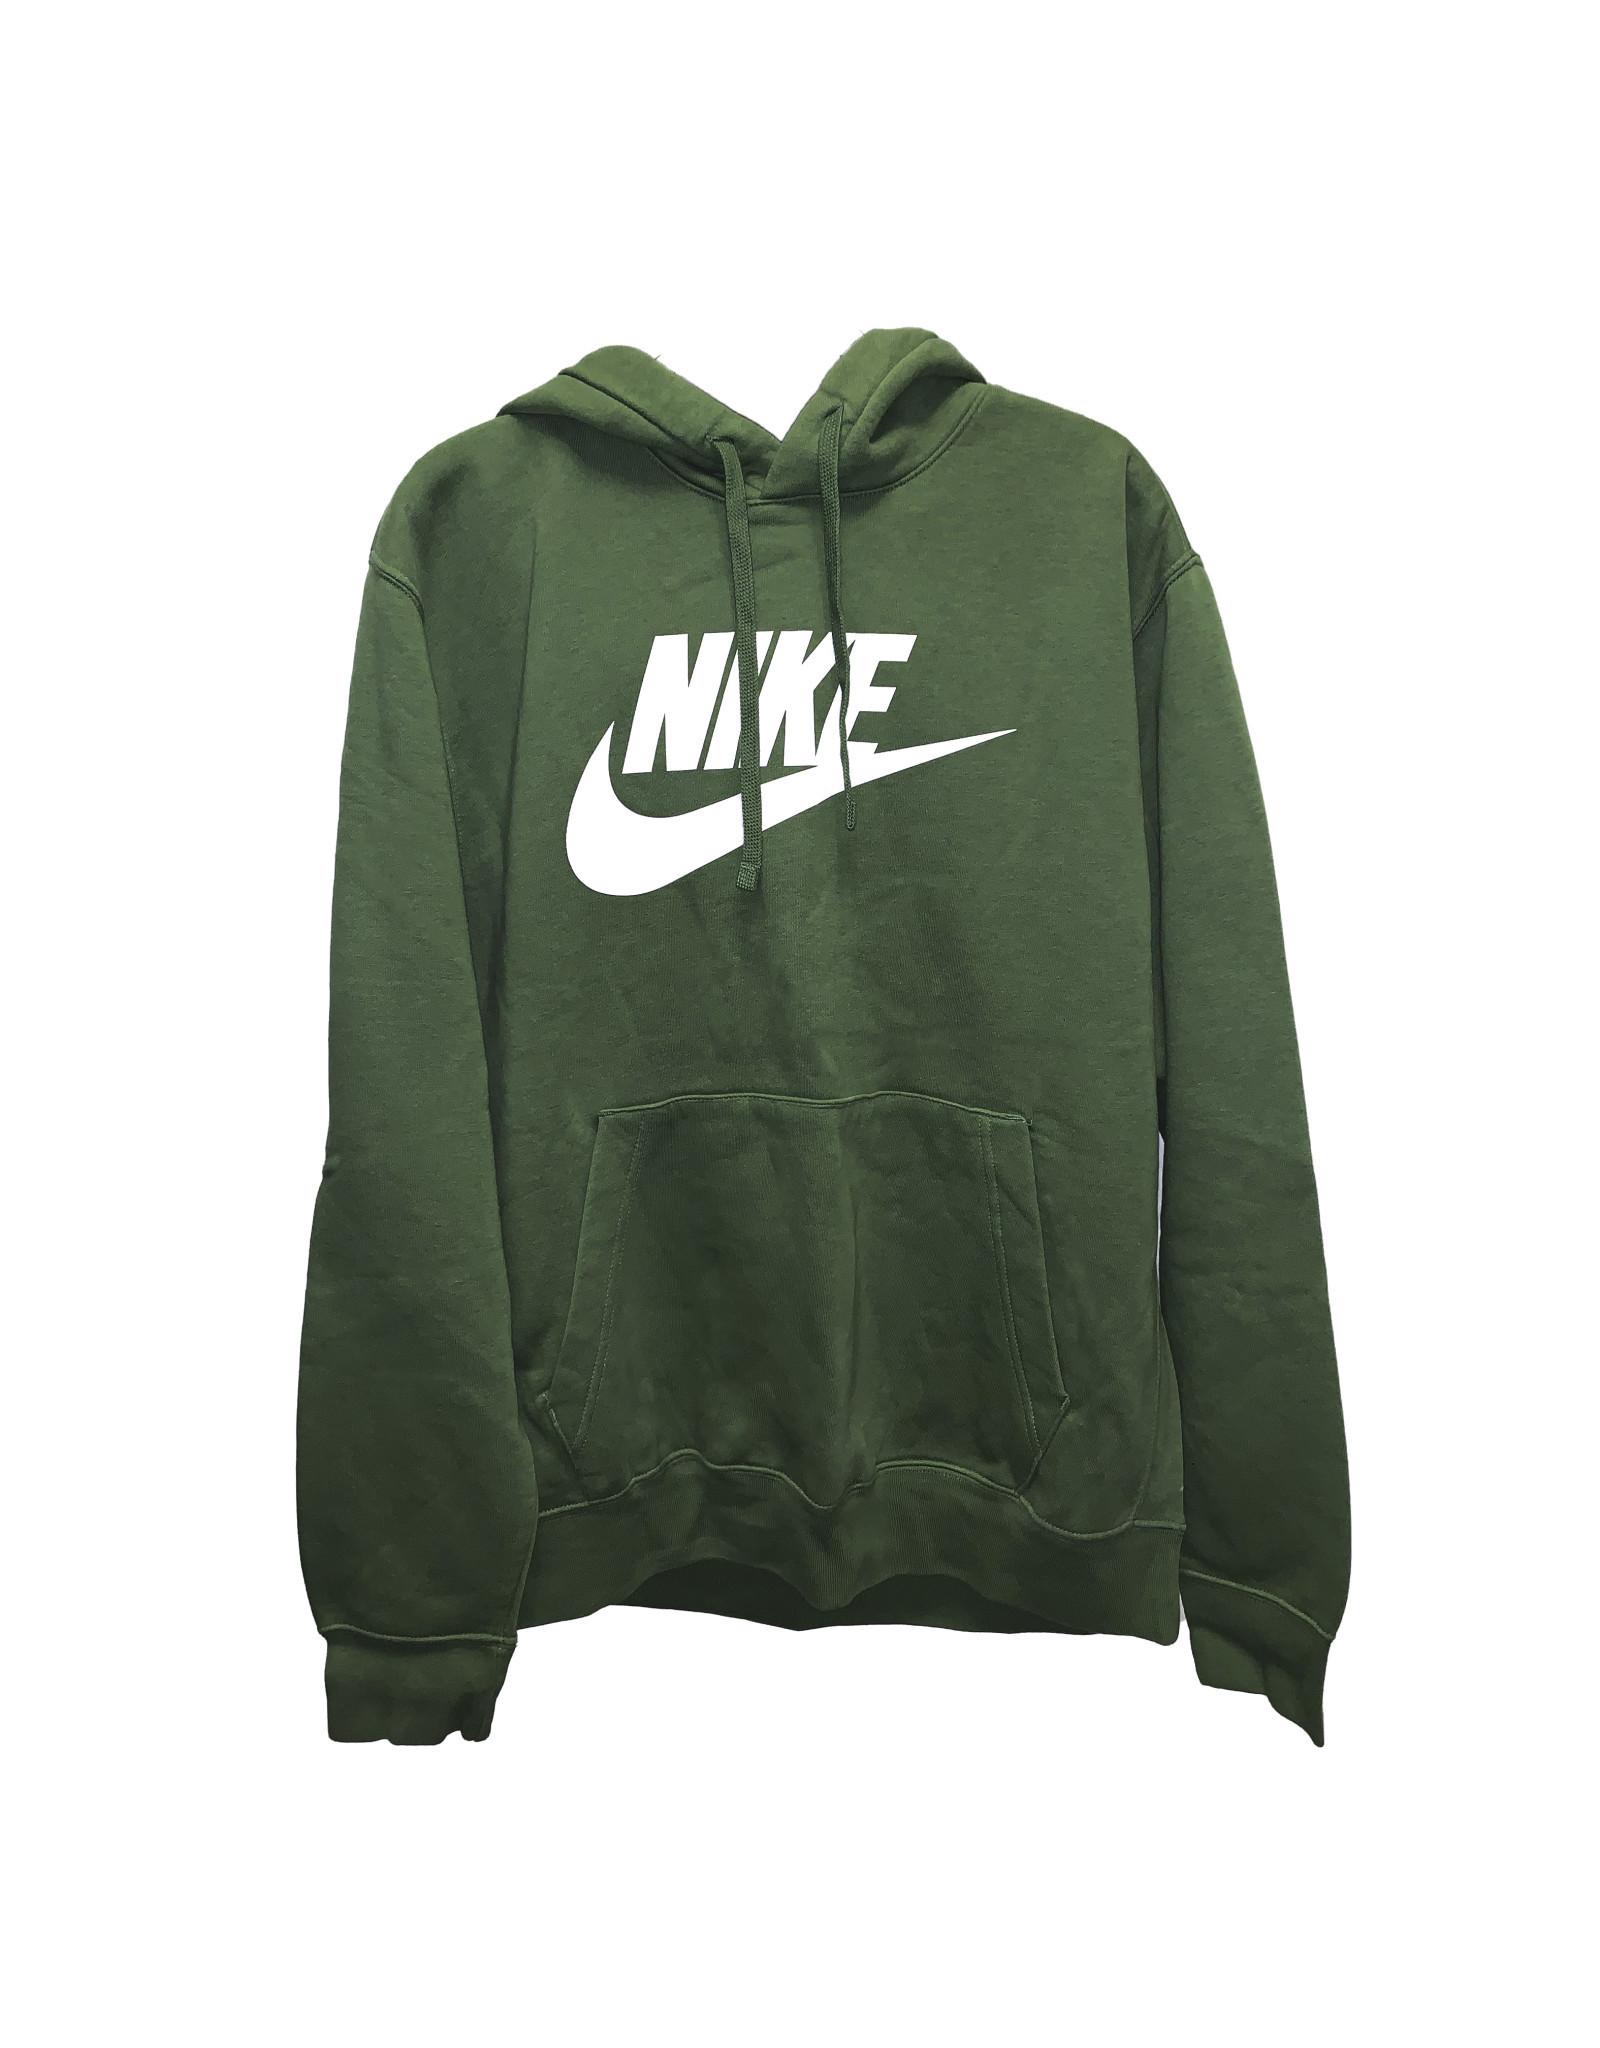 NIKE NIKE Green Pullover Hoodie